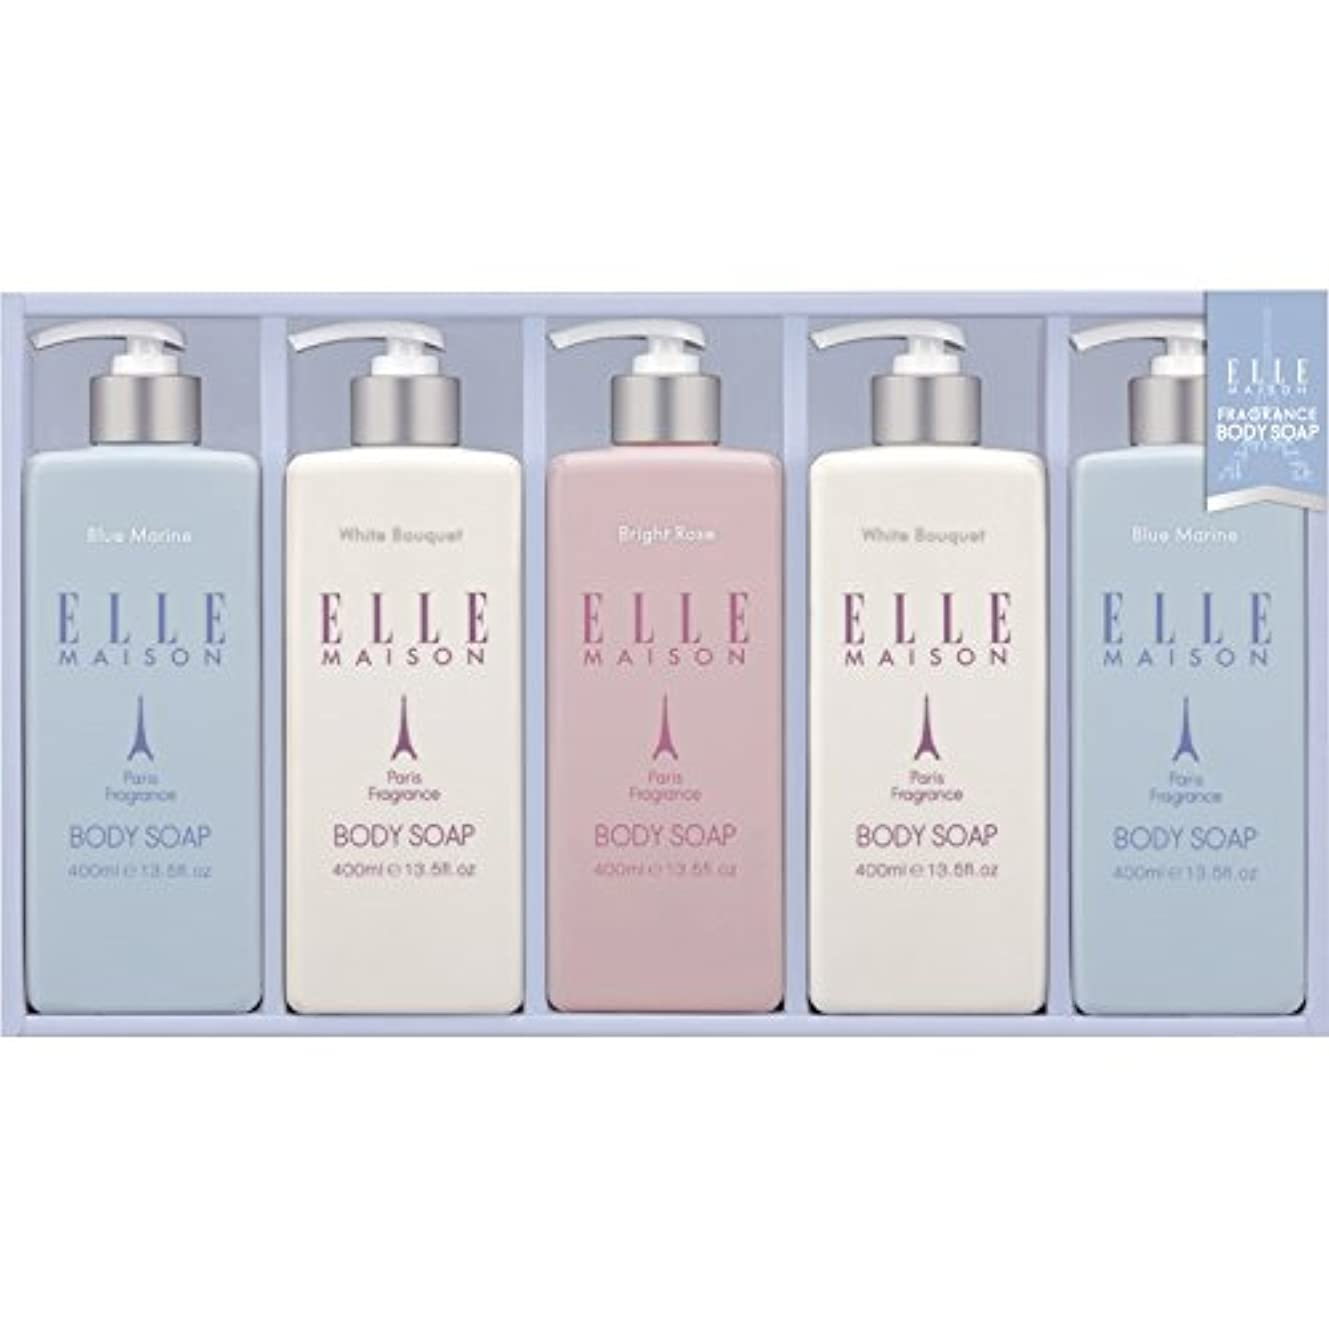 デッド同時スライスELLE MAISON ボディソープギフト EBS-25 【保湿 いい匂い うるおい 液体 しっとり 良い香り やさしい 女性 贅沢 全身 美肌 詰め合わせ お風呂 バスタイム 洗う 美容】